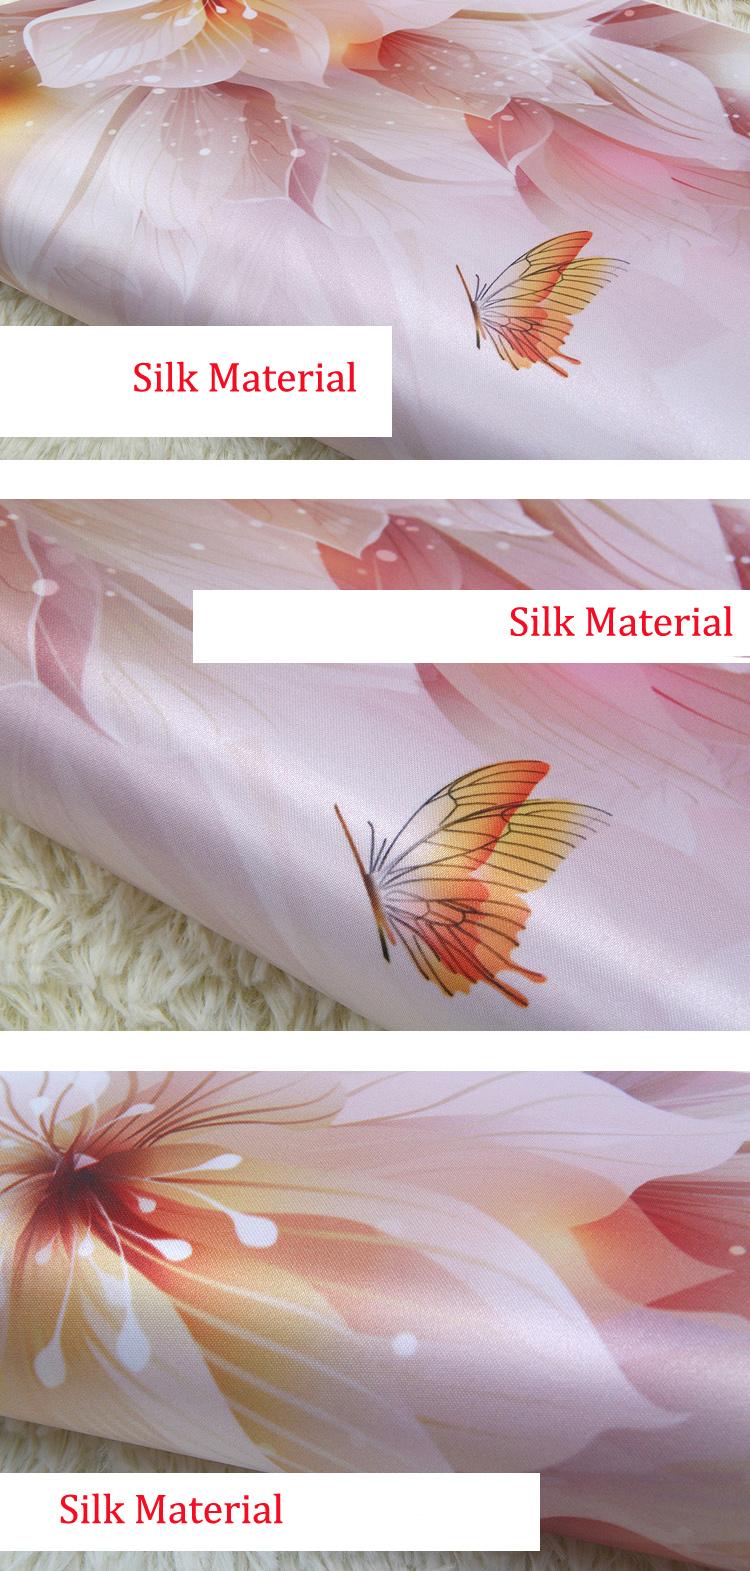 HTB1KK95emYTBKNjSZKbq6xJ8pXaQ - Pink Sky Cloud 3d Cartoon Wallpaper Murals for Girls Room